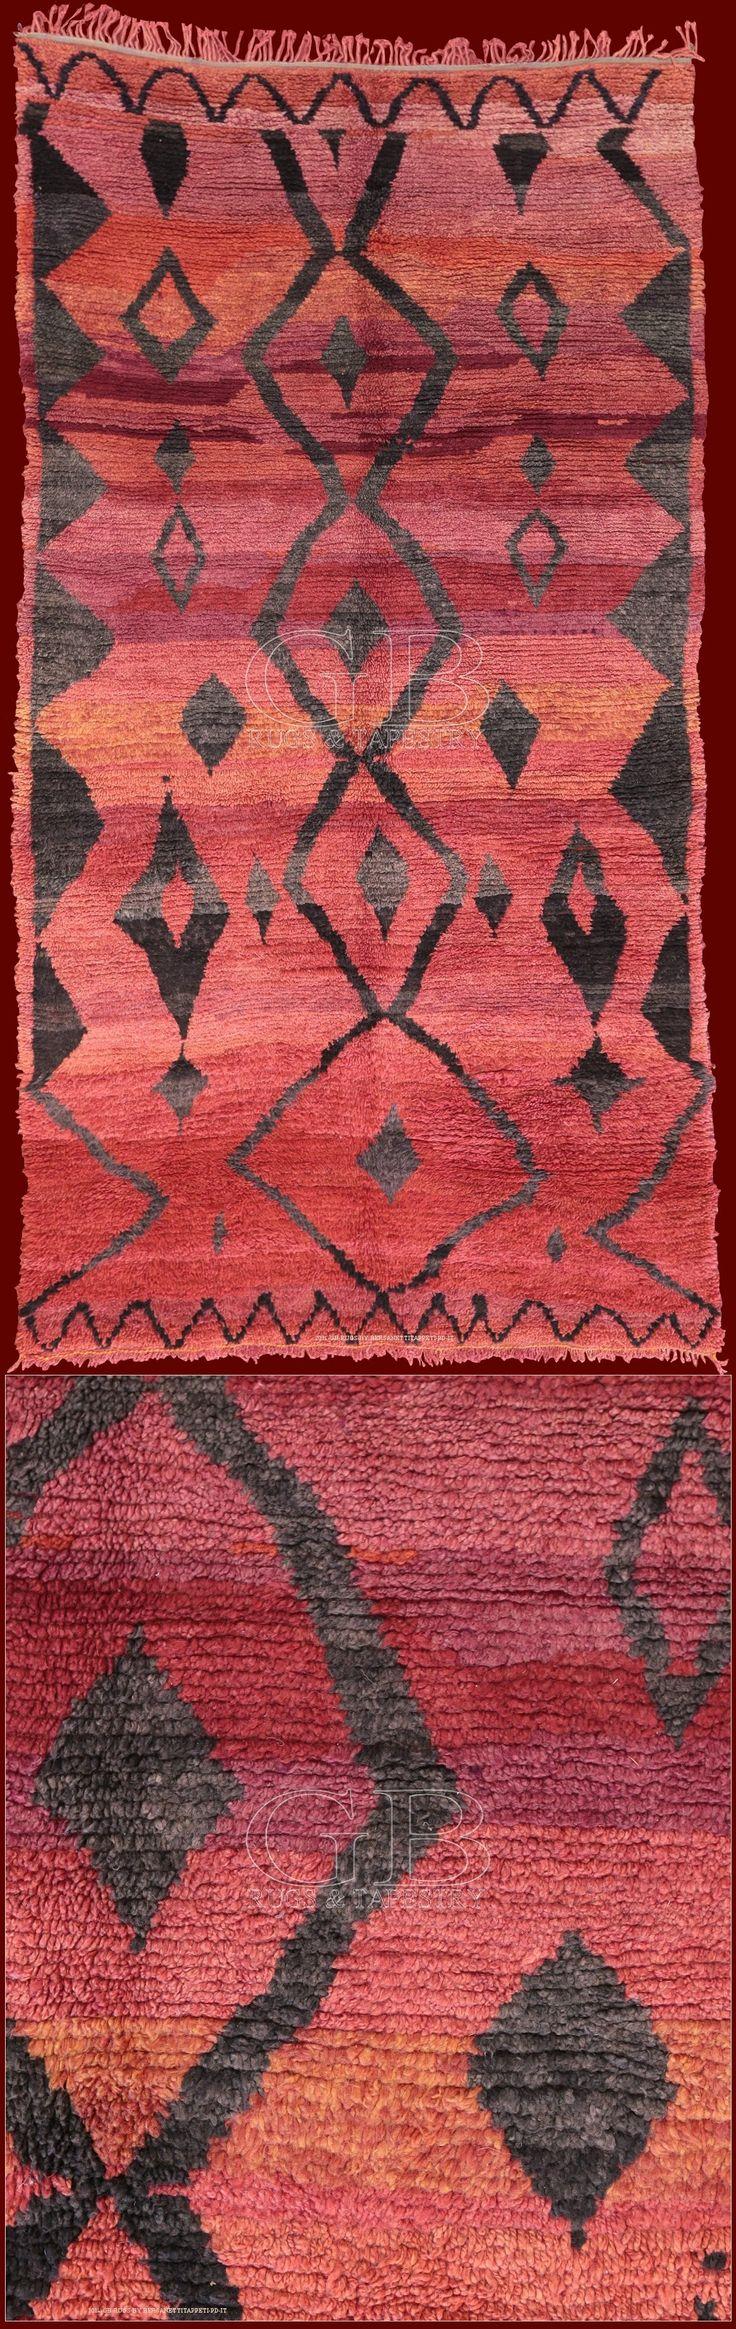 Tappeto Berbero Talsentcm 356 x 195ft 11'7 x 6'4